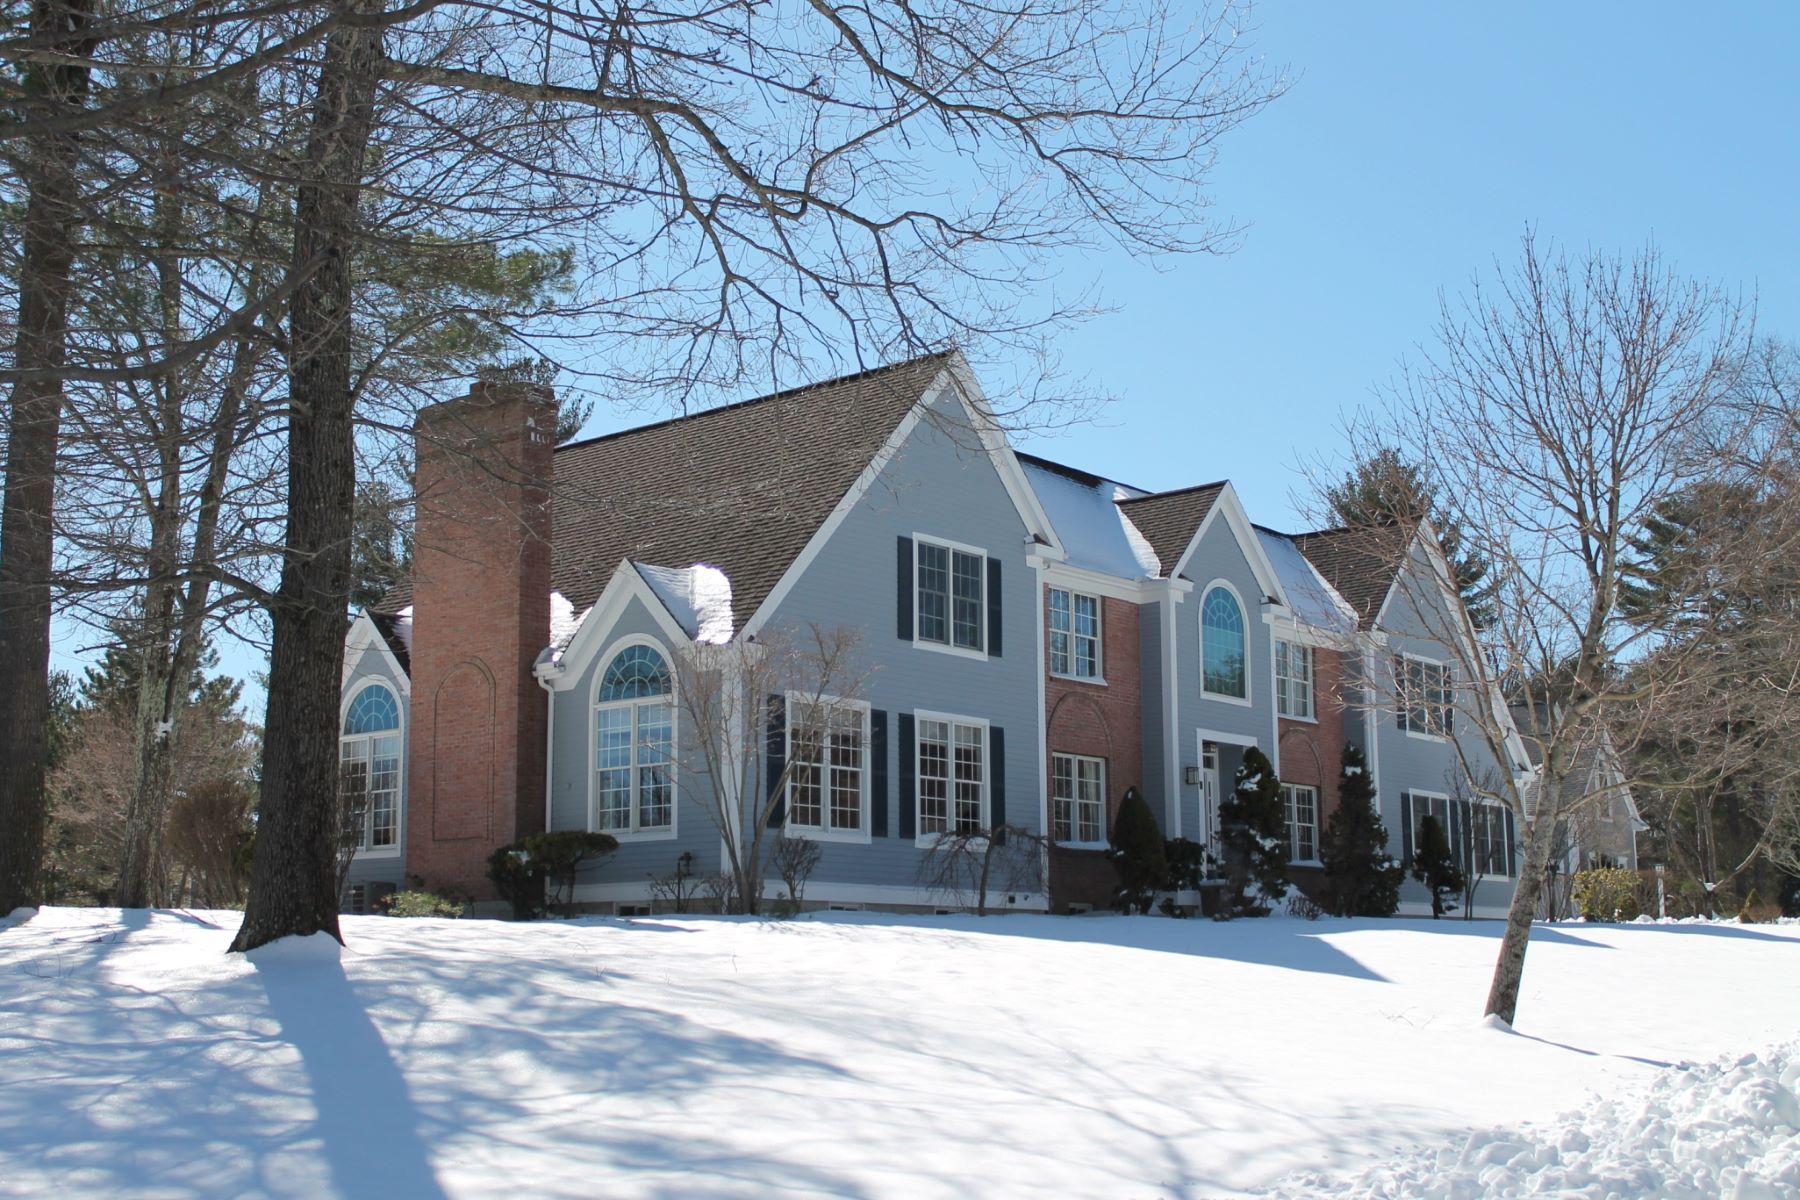 Maison unifamiliale pour l Vente à Revolutionary Ridge! 2 Lexington Circle Bedford, Massachusetts 01730 États-Unis